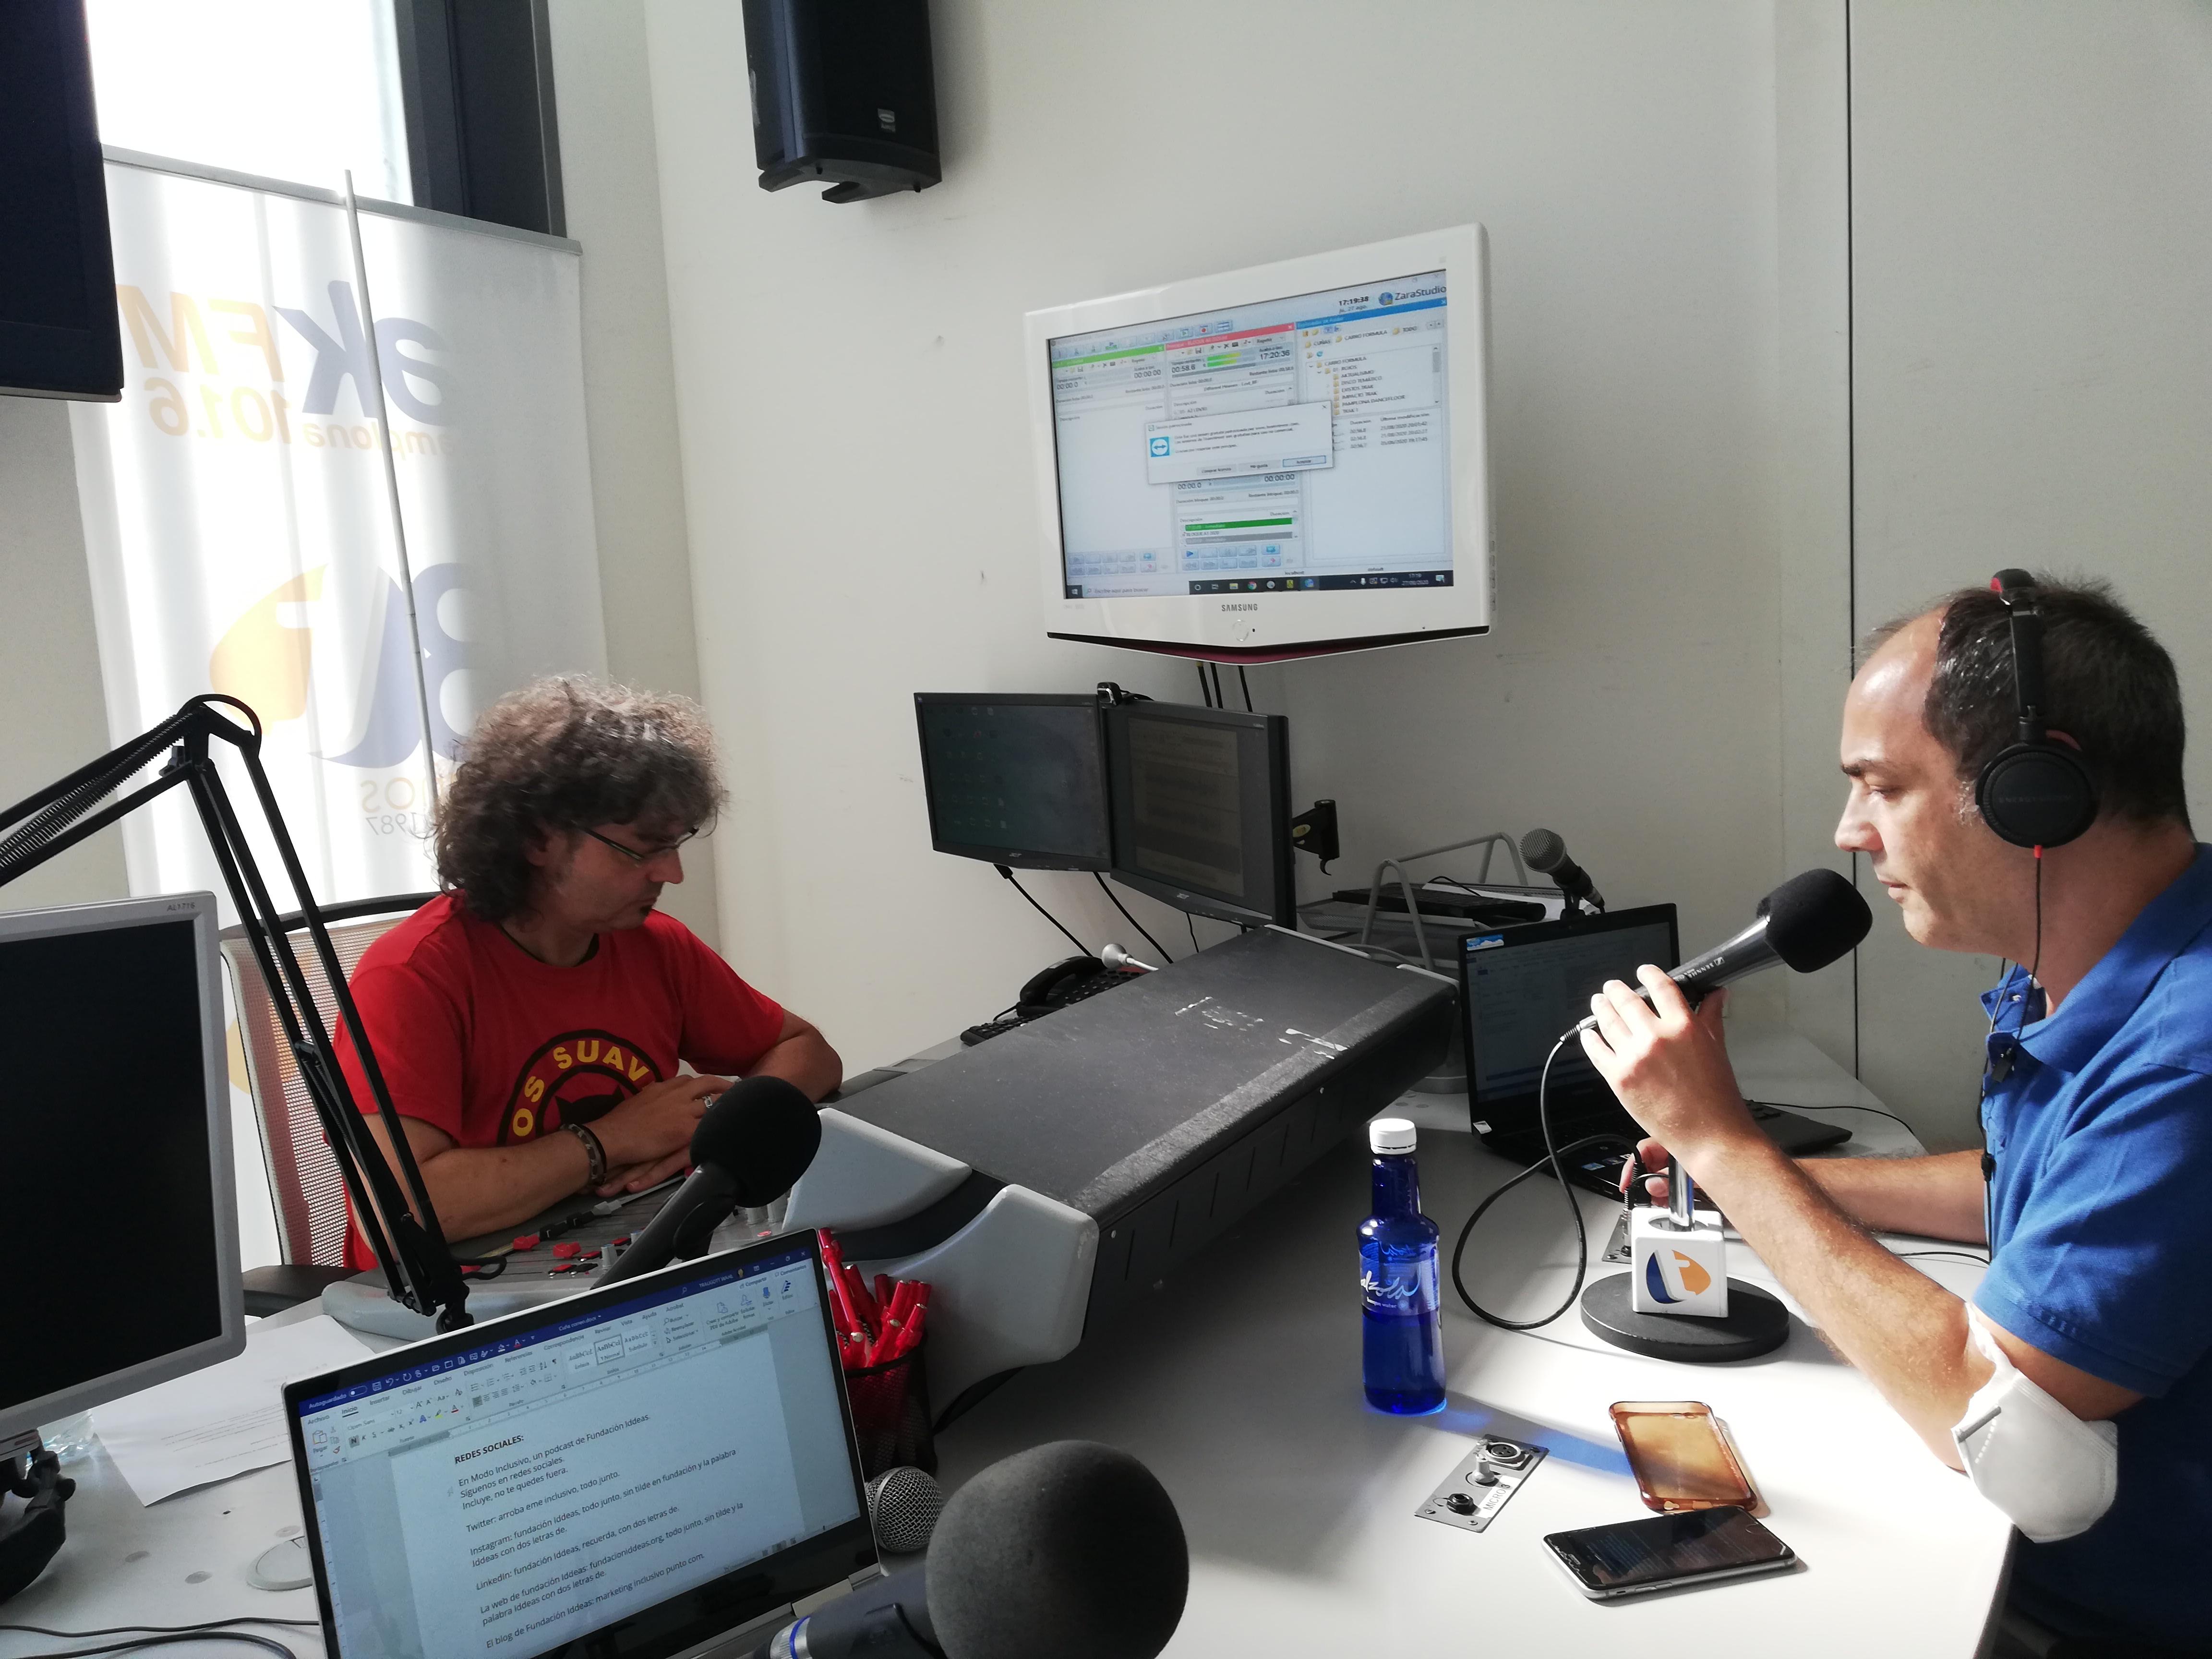 Imagen de Luis Casado hablando en el estudio. Frente a él, el técnico de sonido controla la grabación frente a varios monitores y una mesa de mezclas.